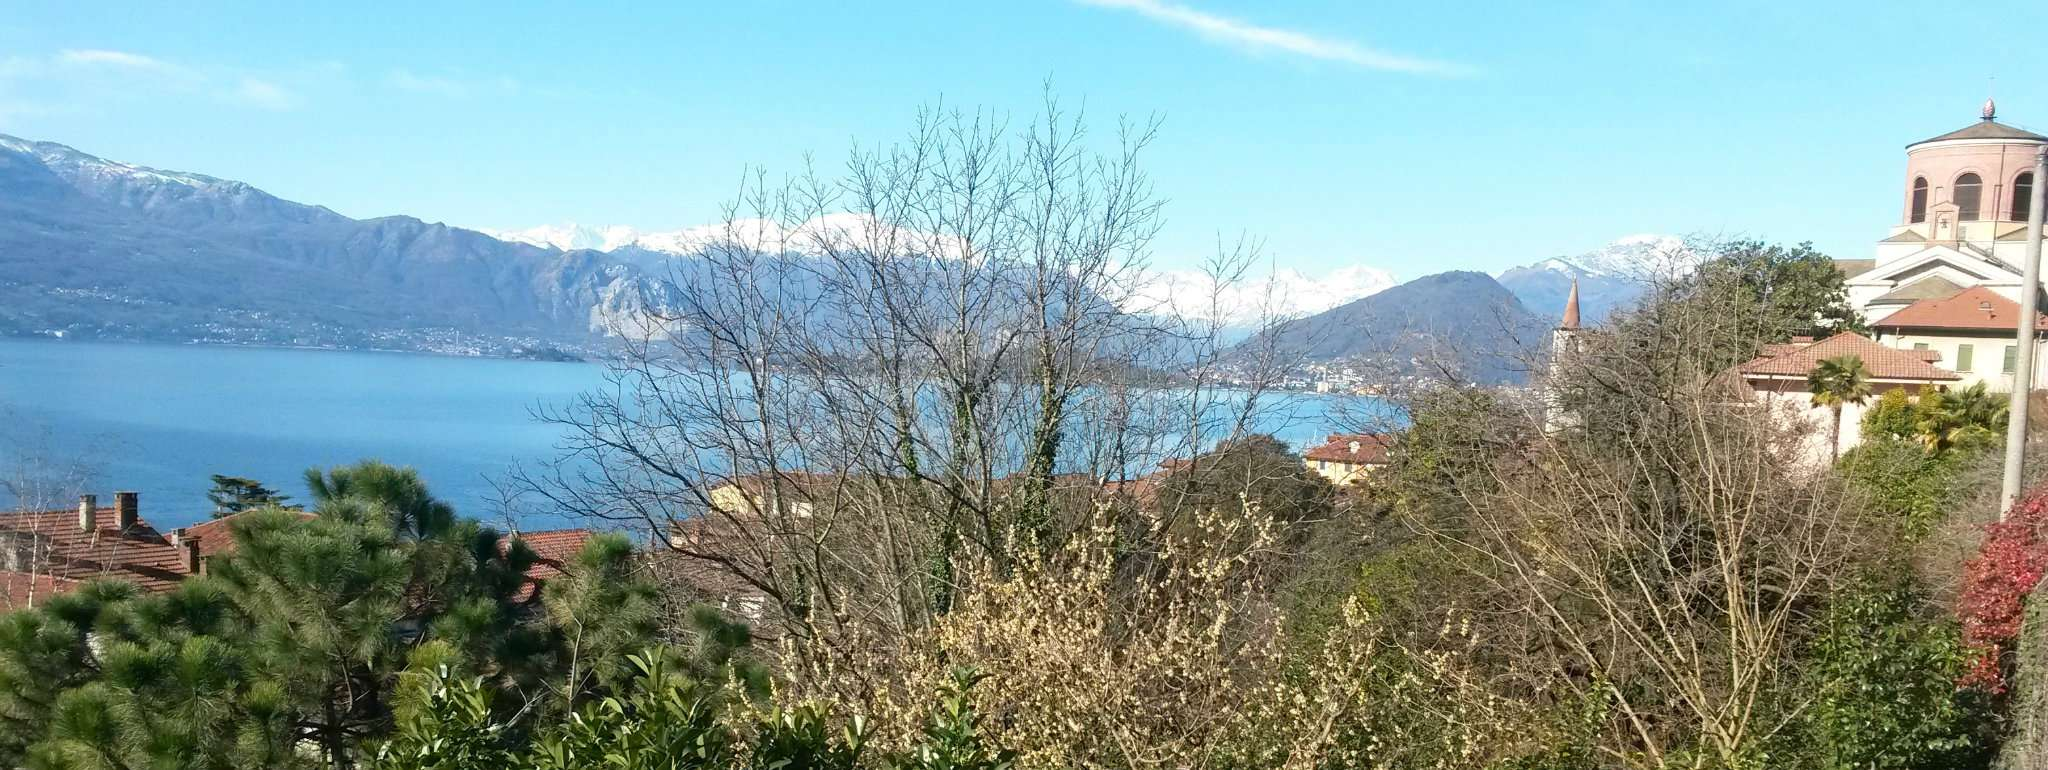 Terreno Edificabile Residenziale in vendita a Laveno-Mombello, 9999 locali, Trattative riservate | Cambio Casa.it